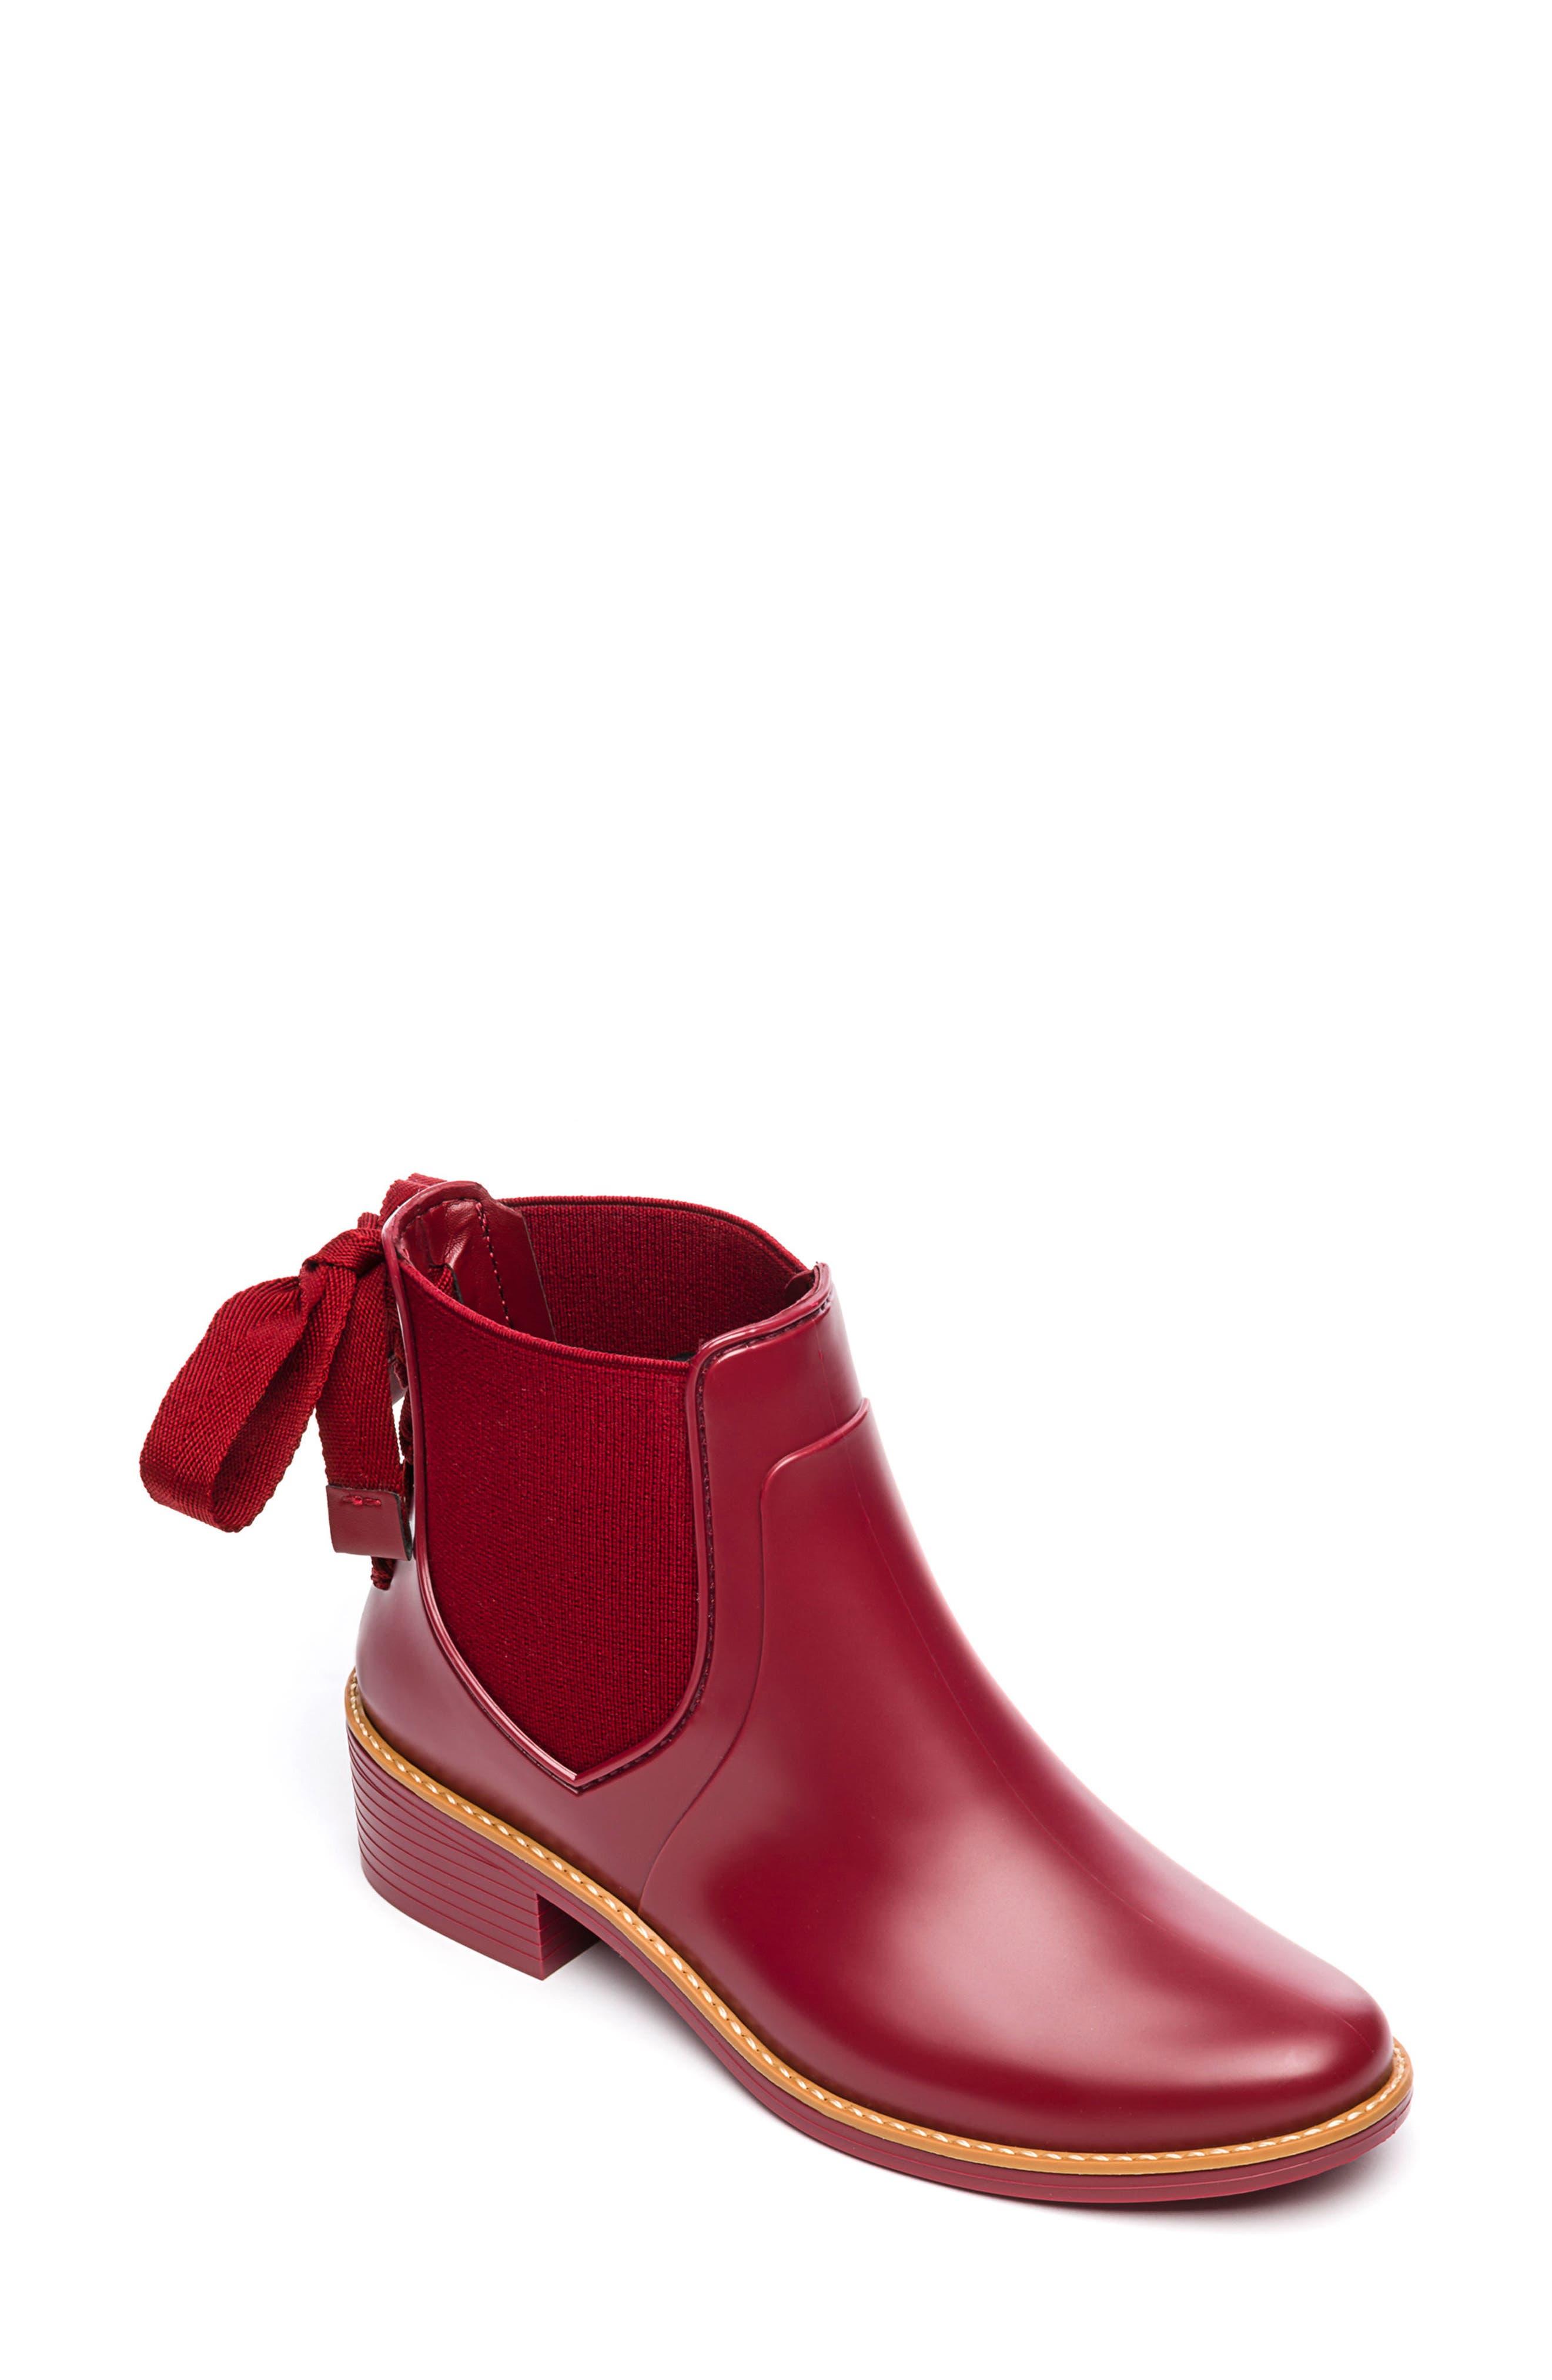 Paxton Rain Boot,                             Main thumbnail 1, color,                             930